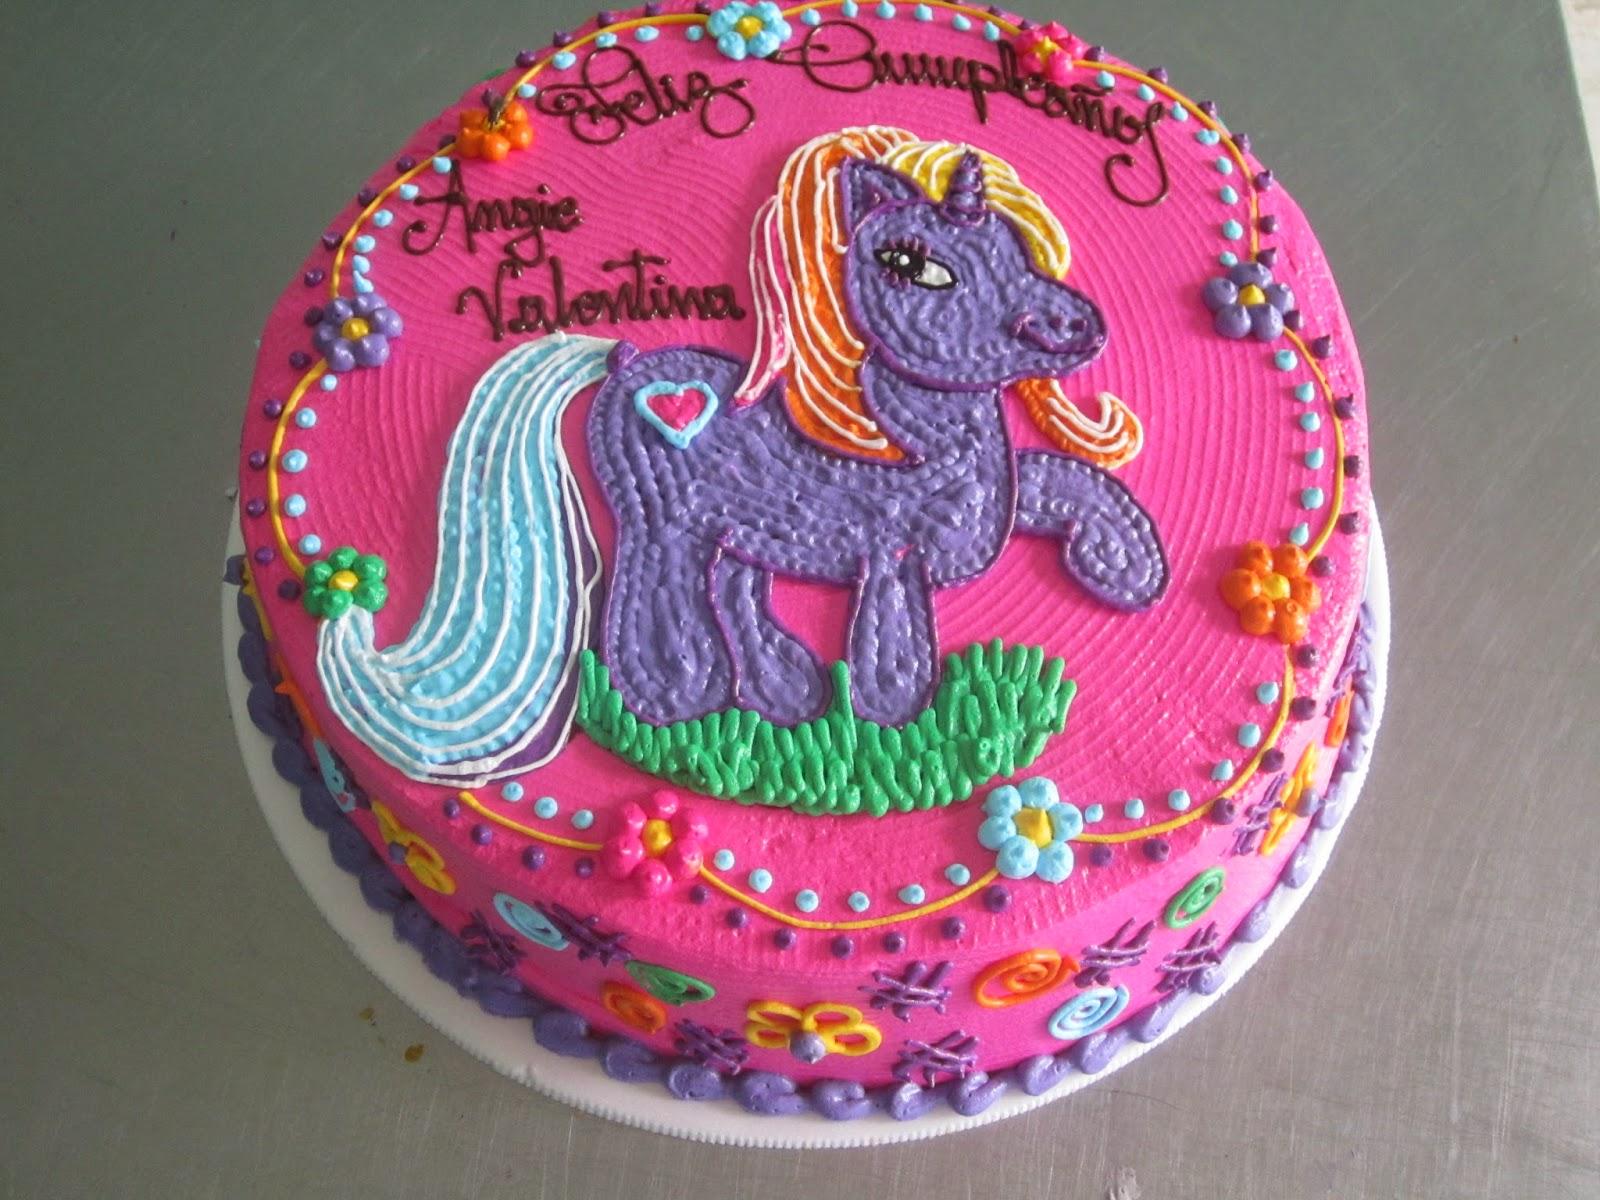 Panaderia Pasteleria Toro Tortas Infantiles Con Decoraciones En Crema - Decoracion-de-tortas-infantiles